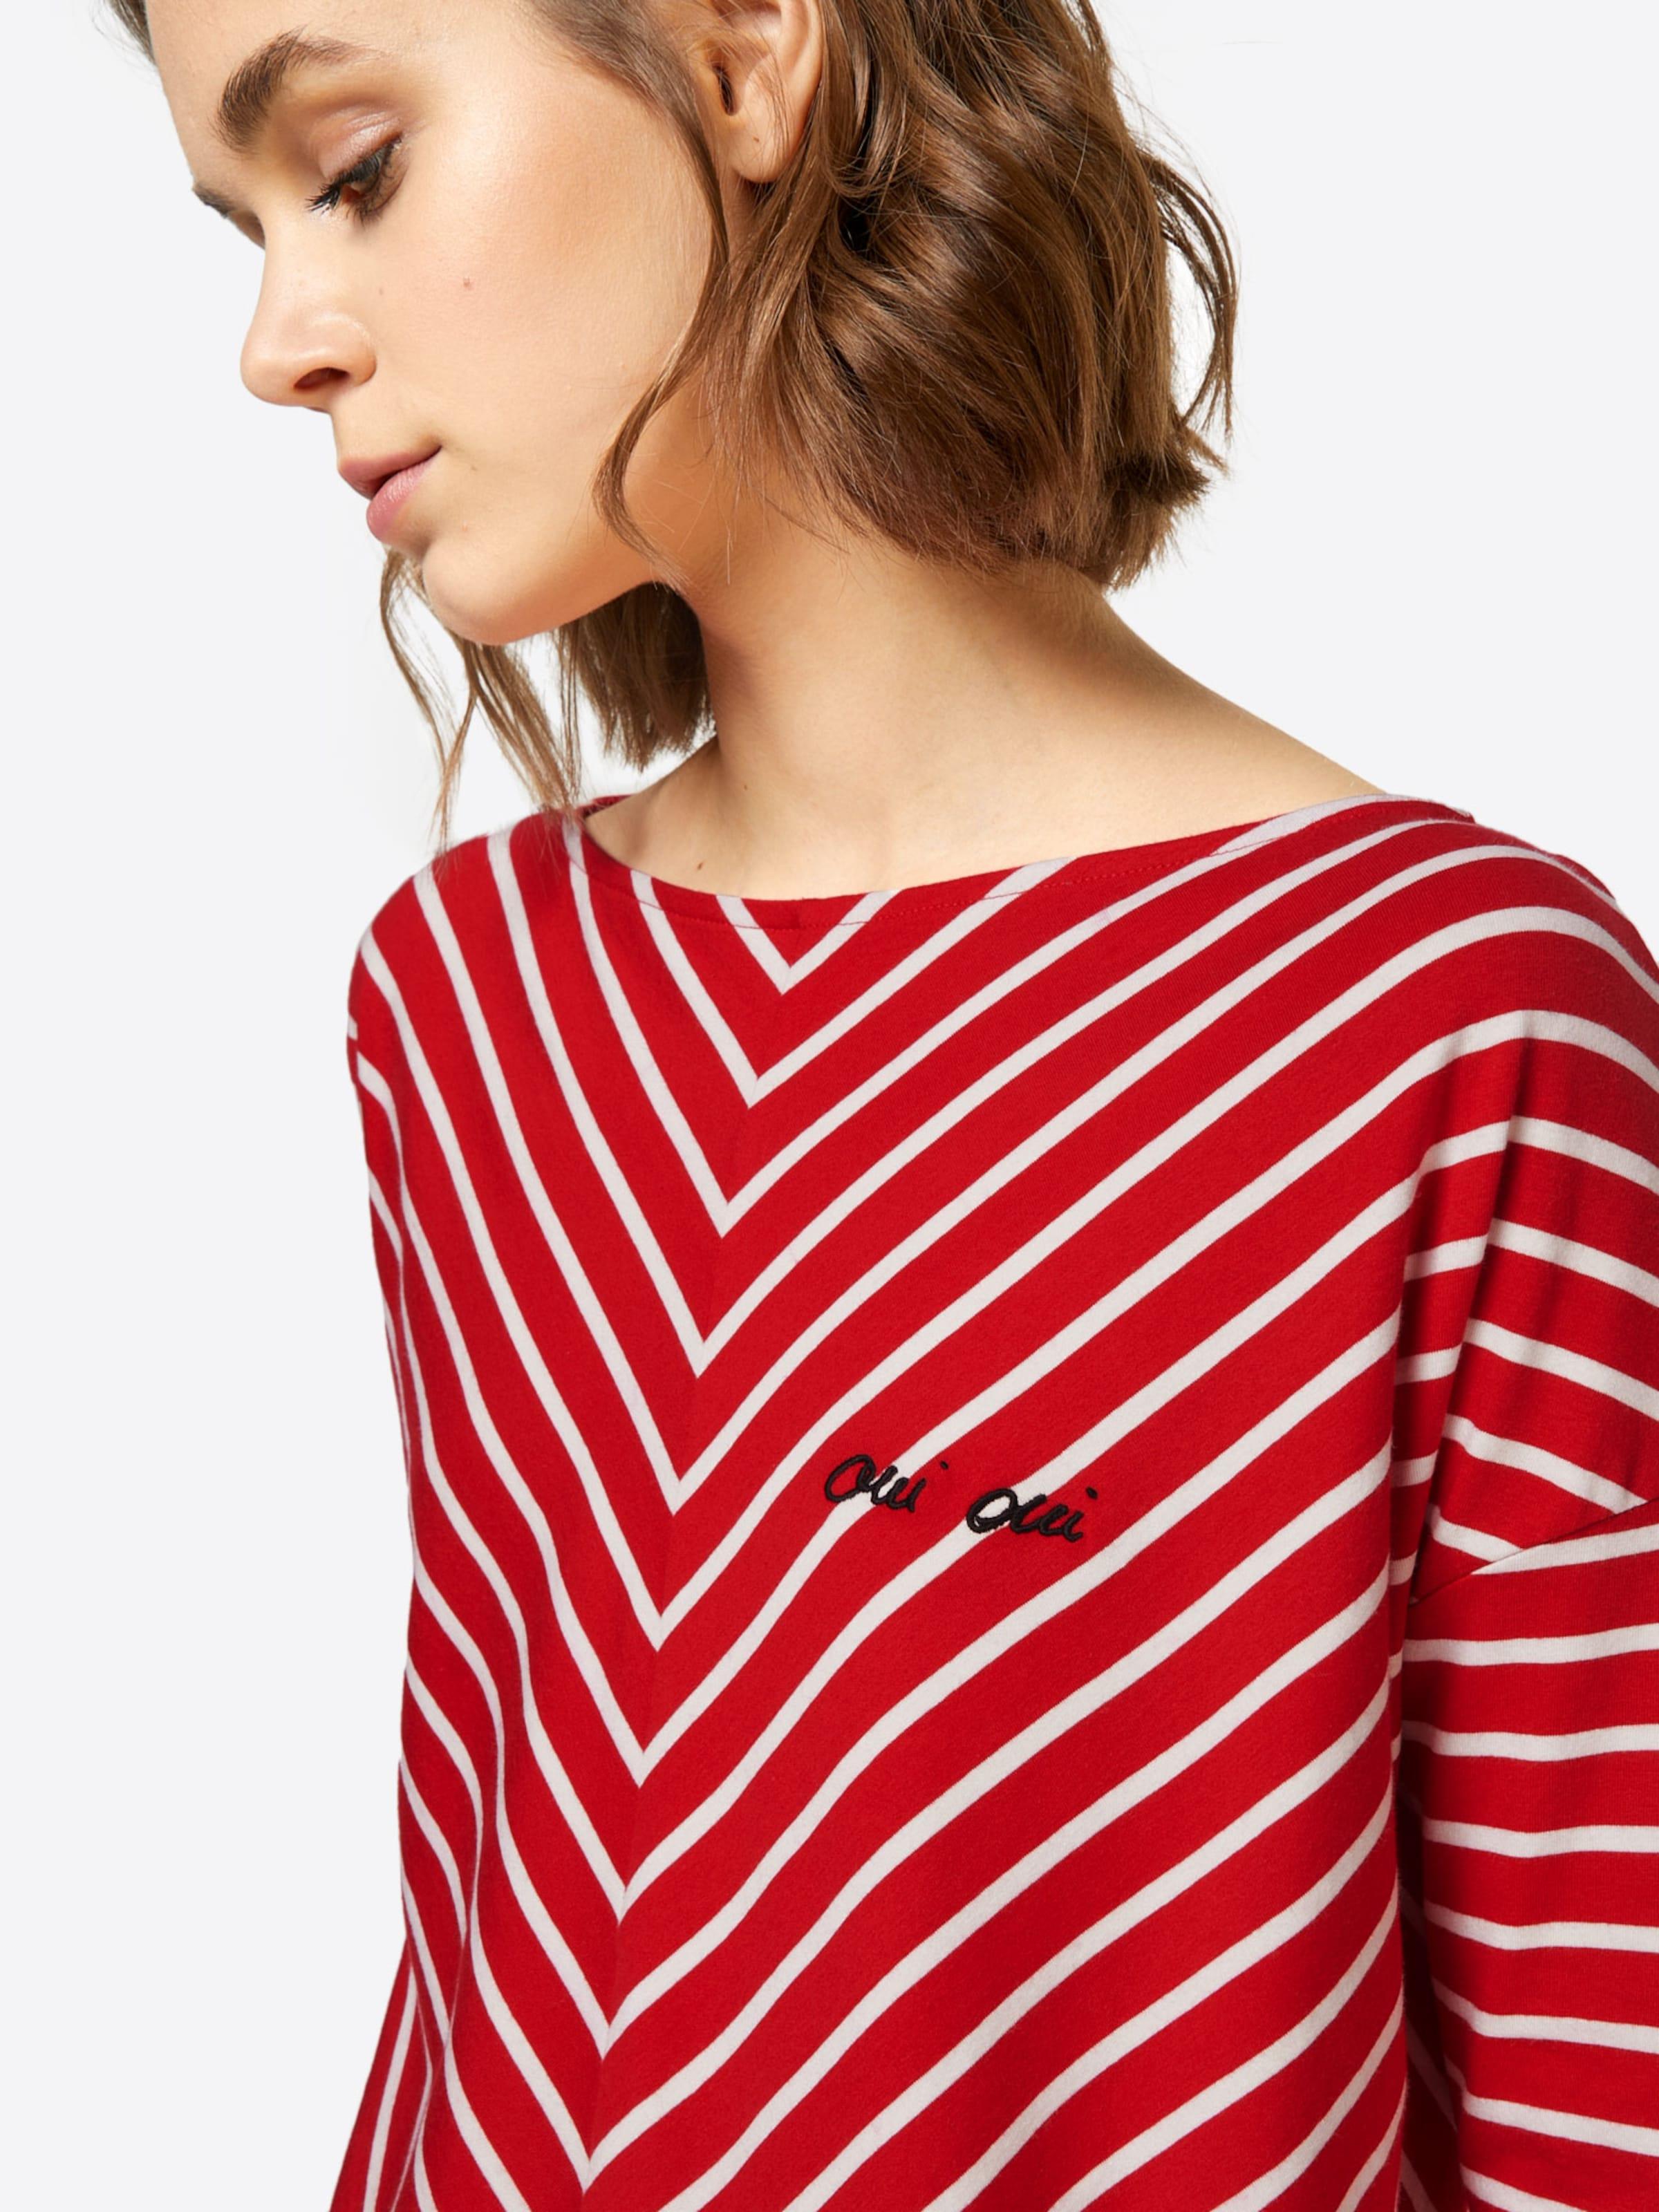 Klassisch Billig Verkauf Eastbay s.Oliver RED LABEL Shirt mit Streifenmuster Mit Mastercard Online-Verkauf aDhLhJK